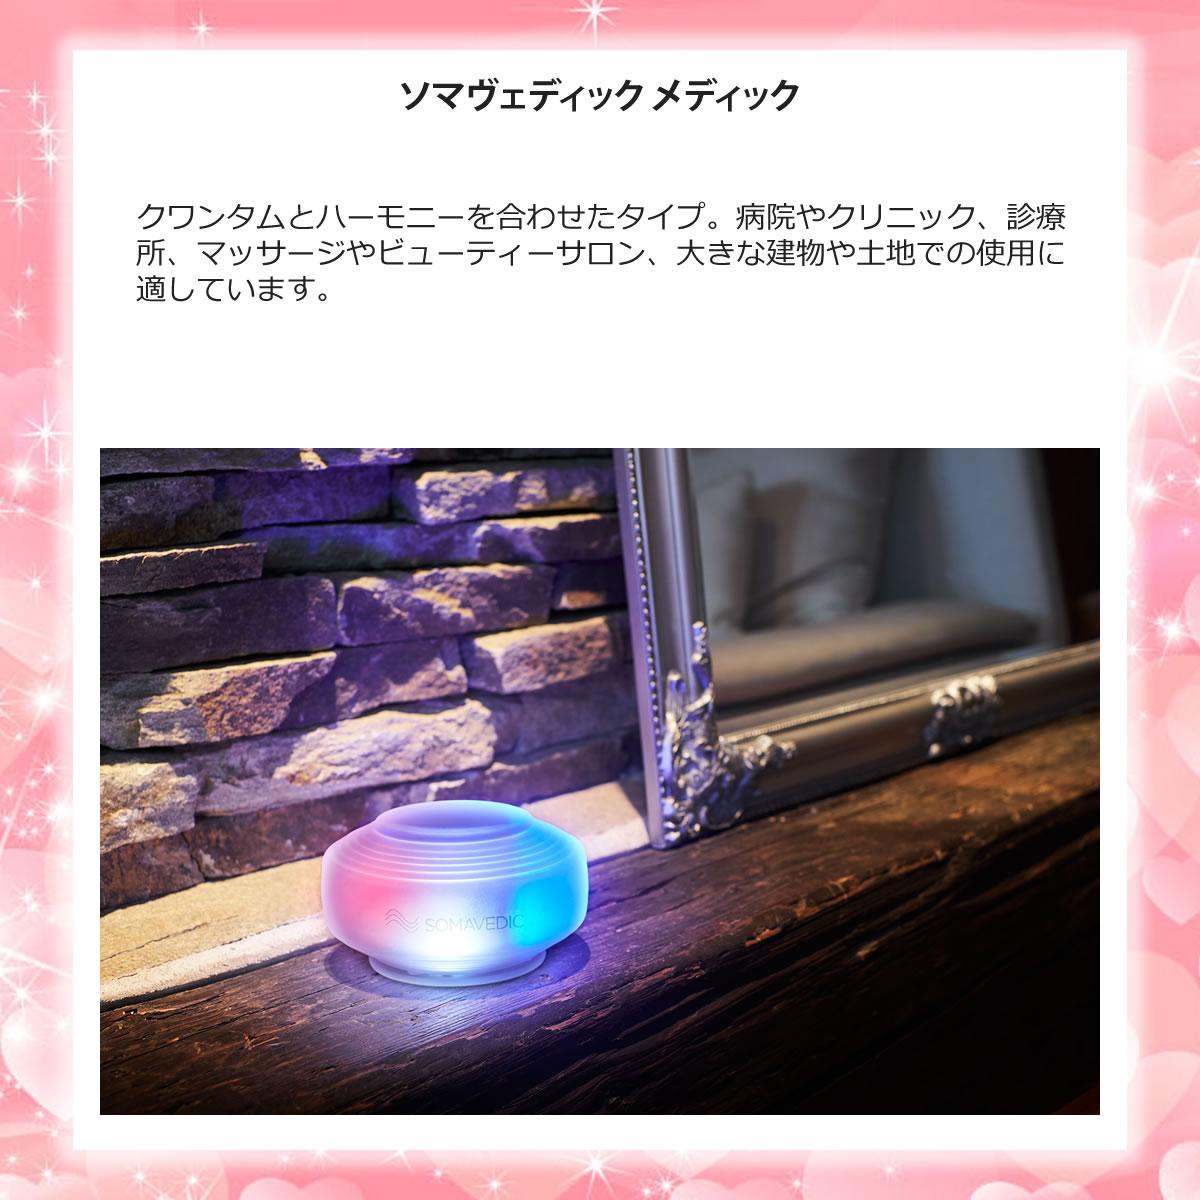 ソマヴェディック メディック SM-04 【翌日配達 送料無料】